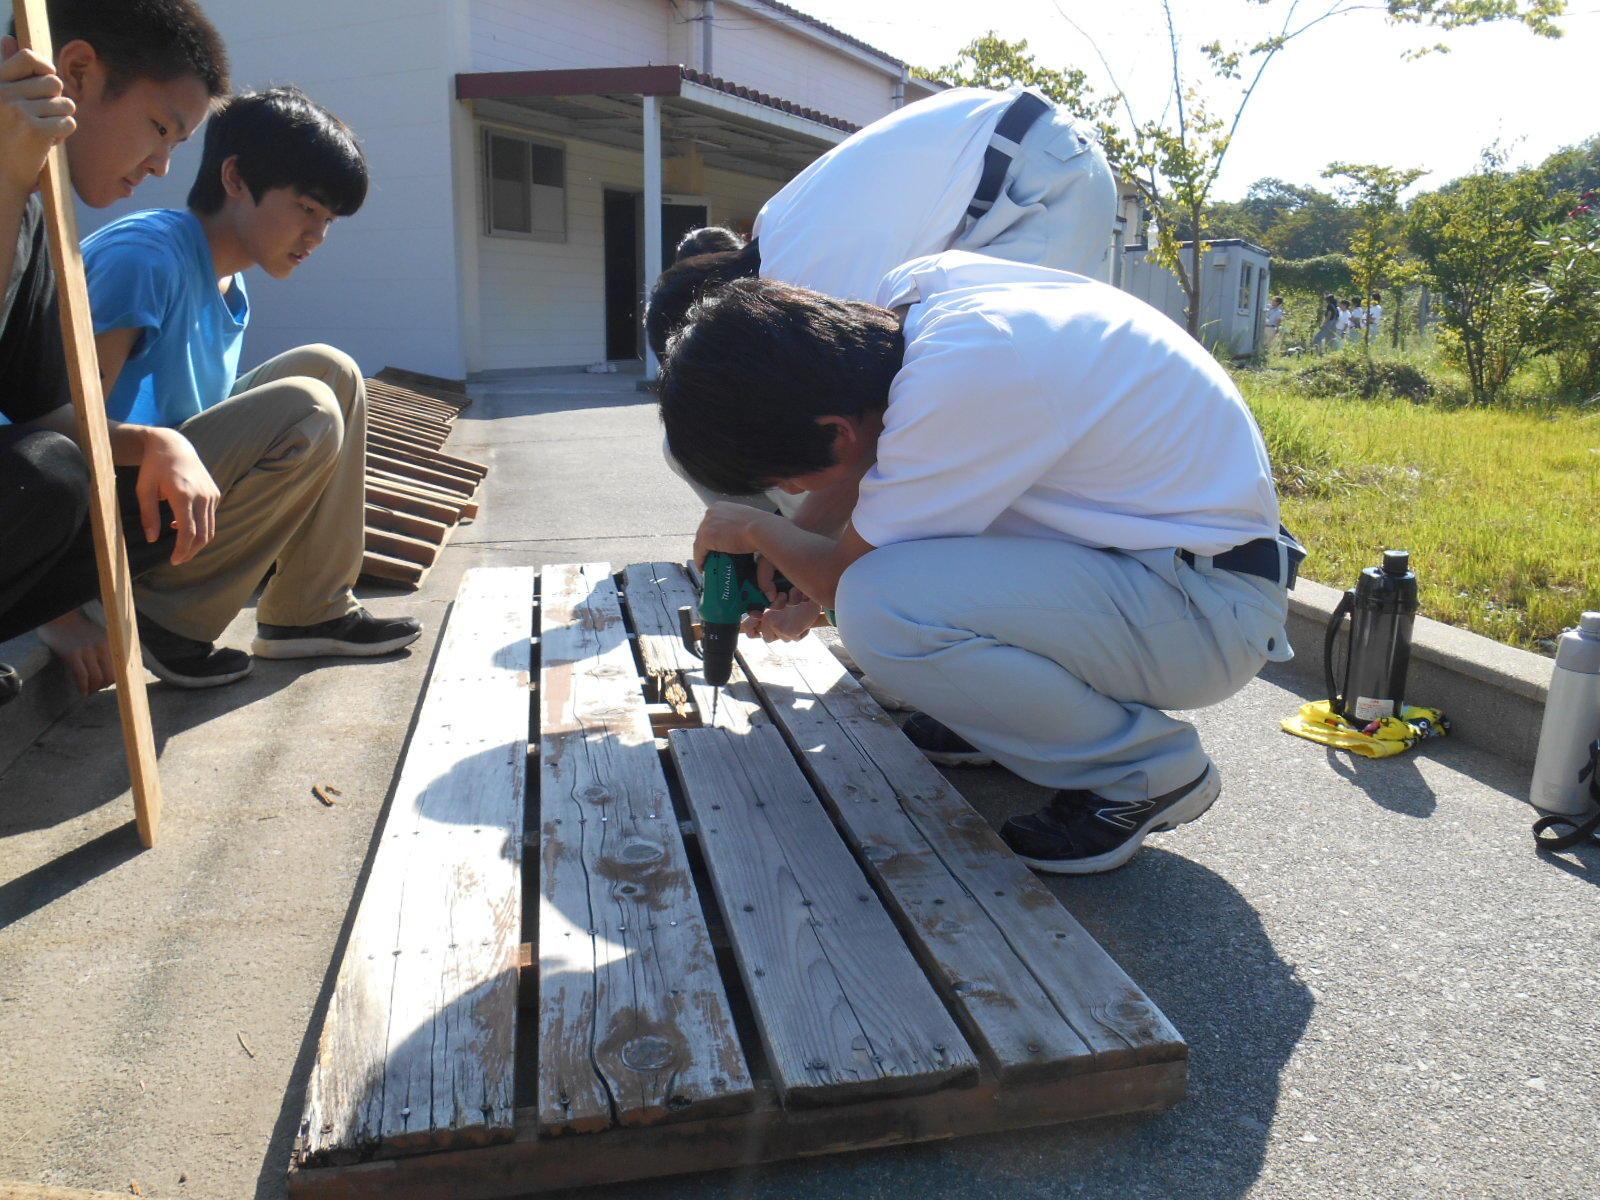 http://www.shimanet.ed.jp/hamadayougo/news/DSCN2361.JPG